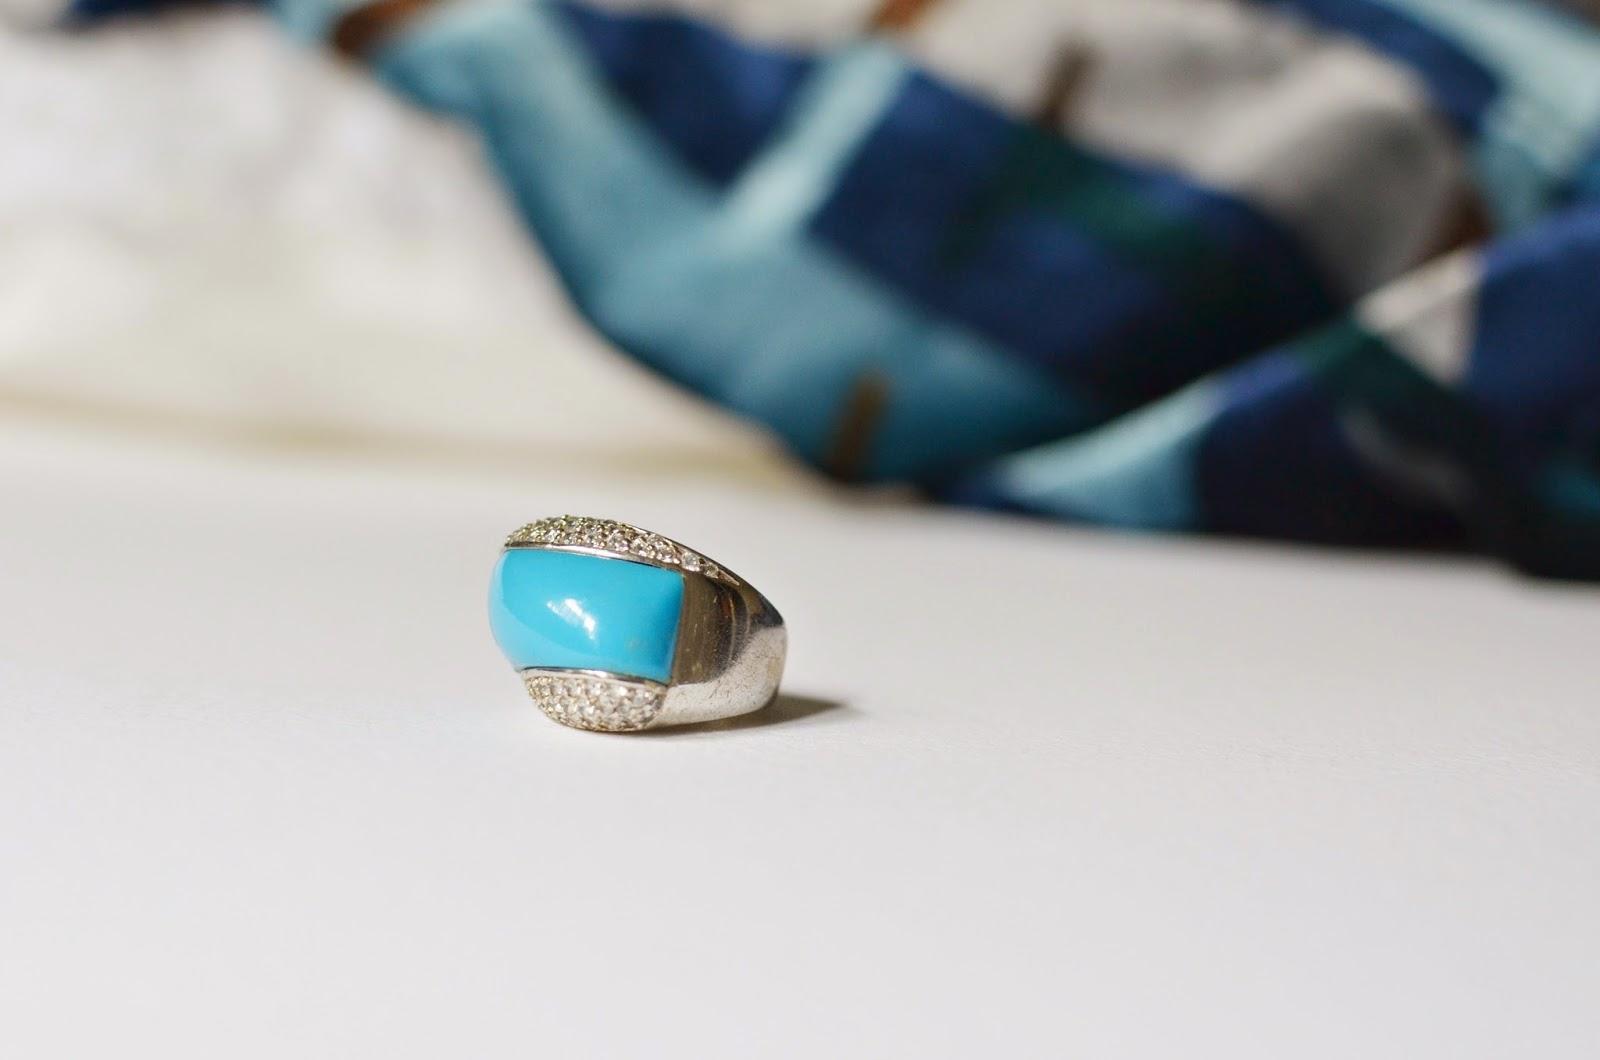 mujer de lujo joyería anillo de plata Descargar Fotos gratis - imagenes de anillos de plata para mujer